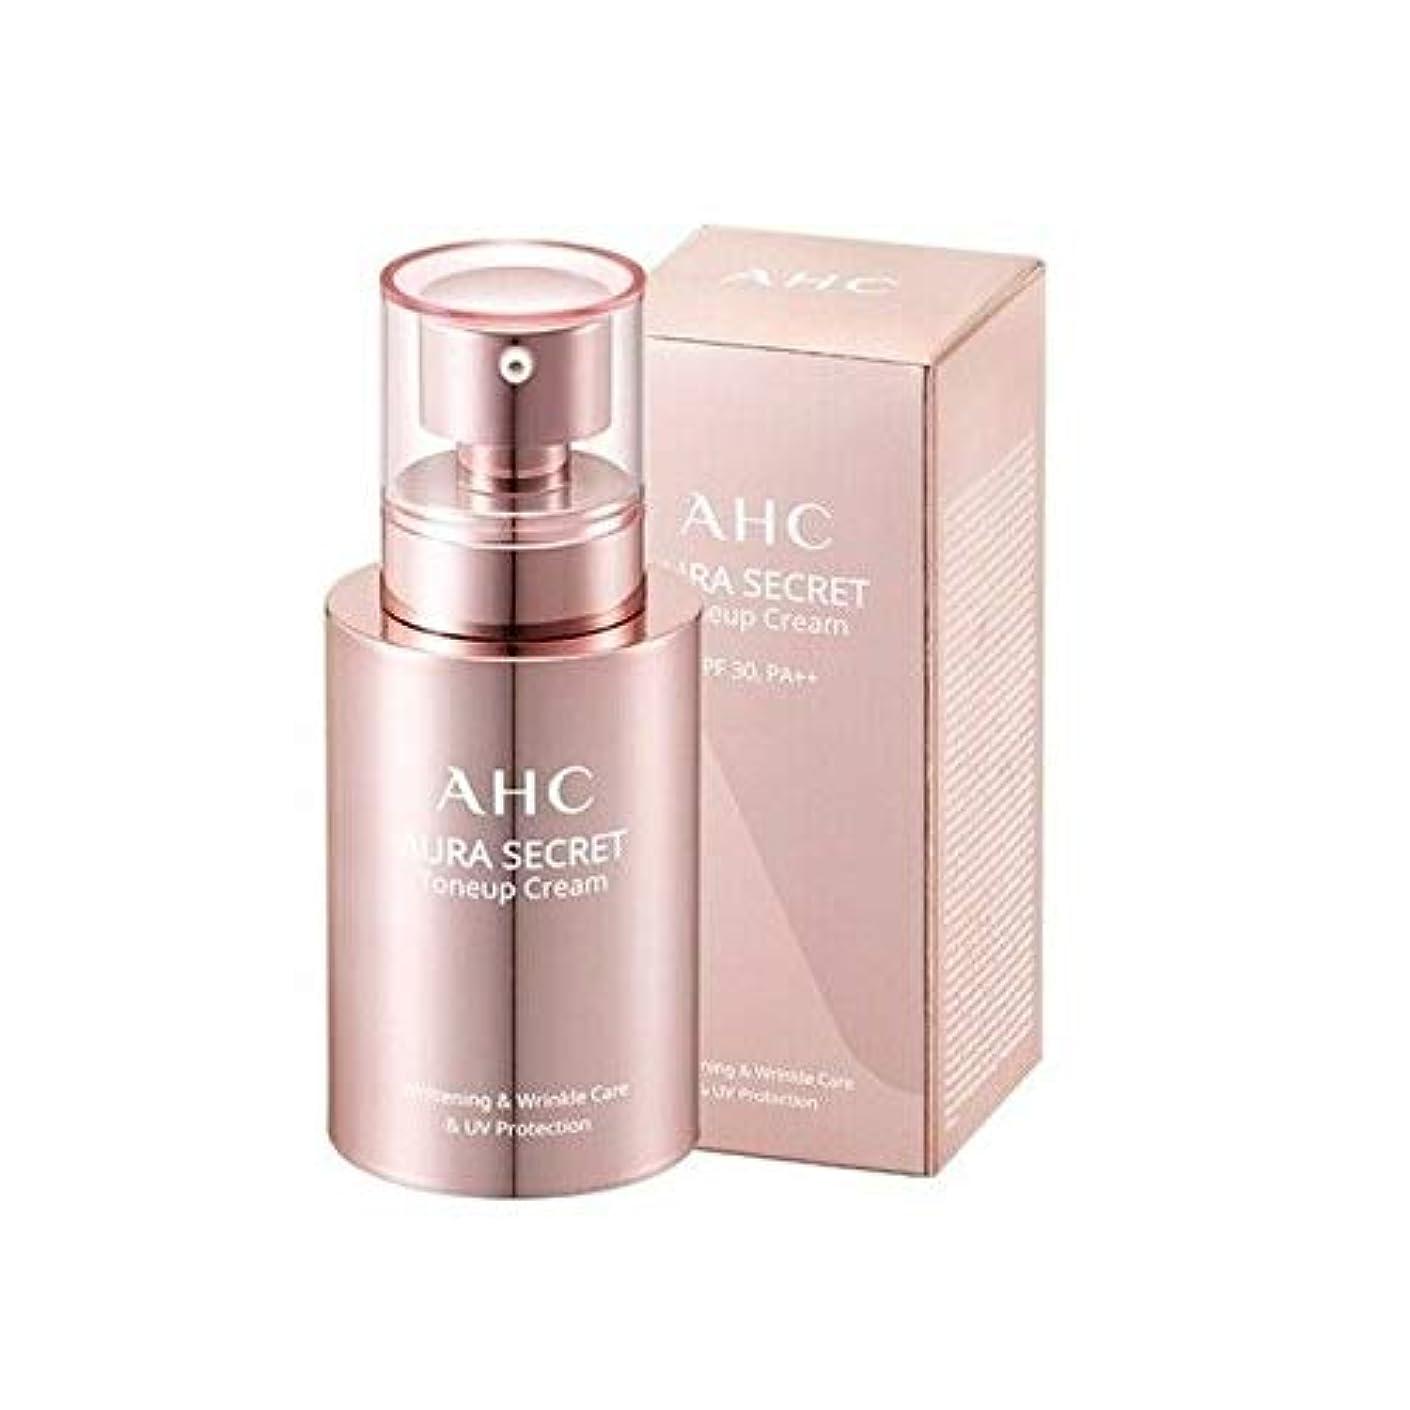 害虫魅力的であることへのアピール名詞[ギフト付き] AHC オーラ シークレット トーンアップ クリーム SPF30/PA++ 50g / AHC Aura Secret Tone Up Cream Pink